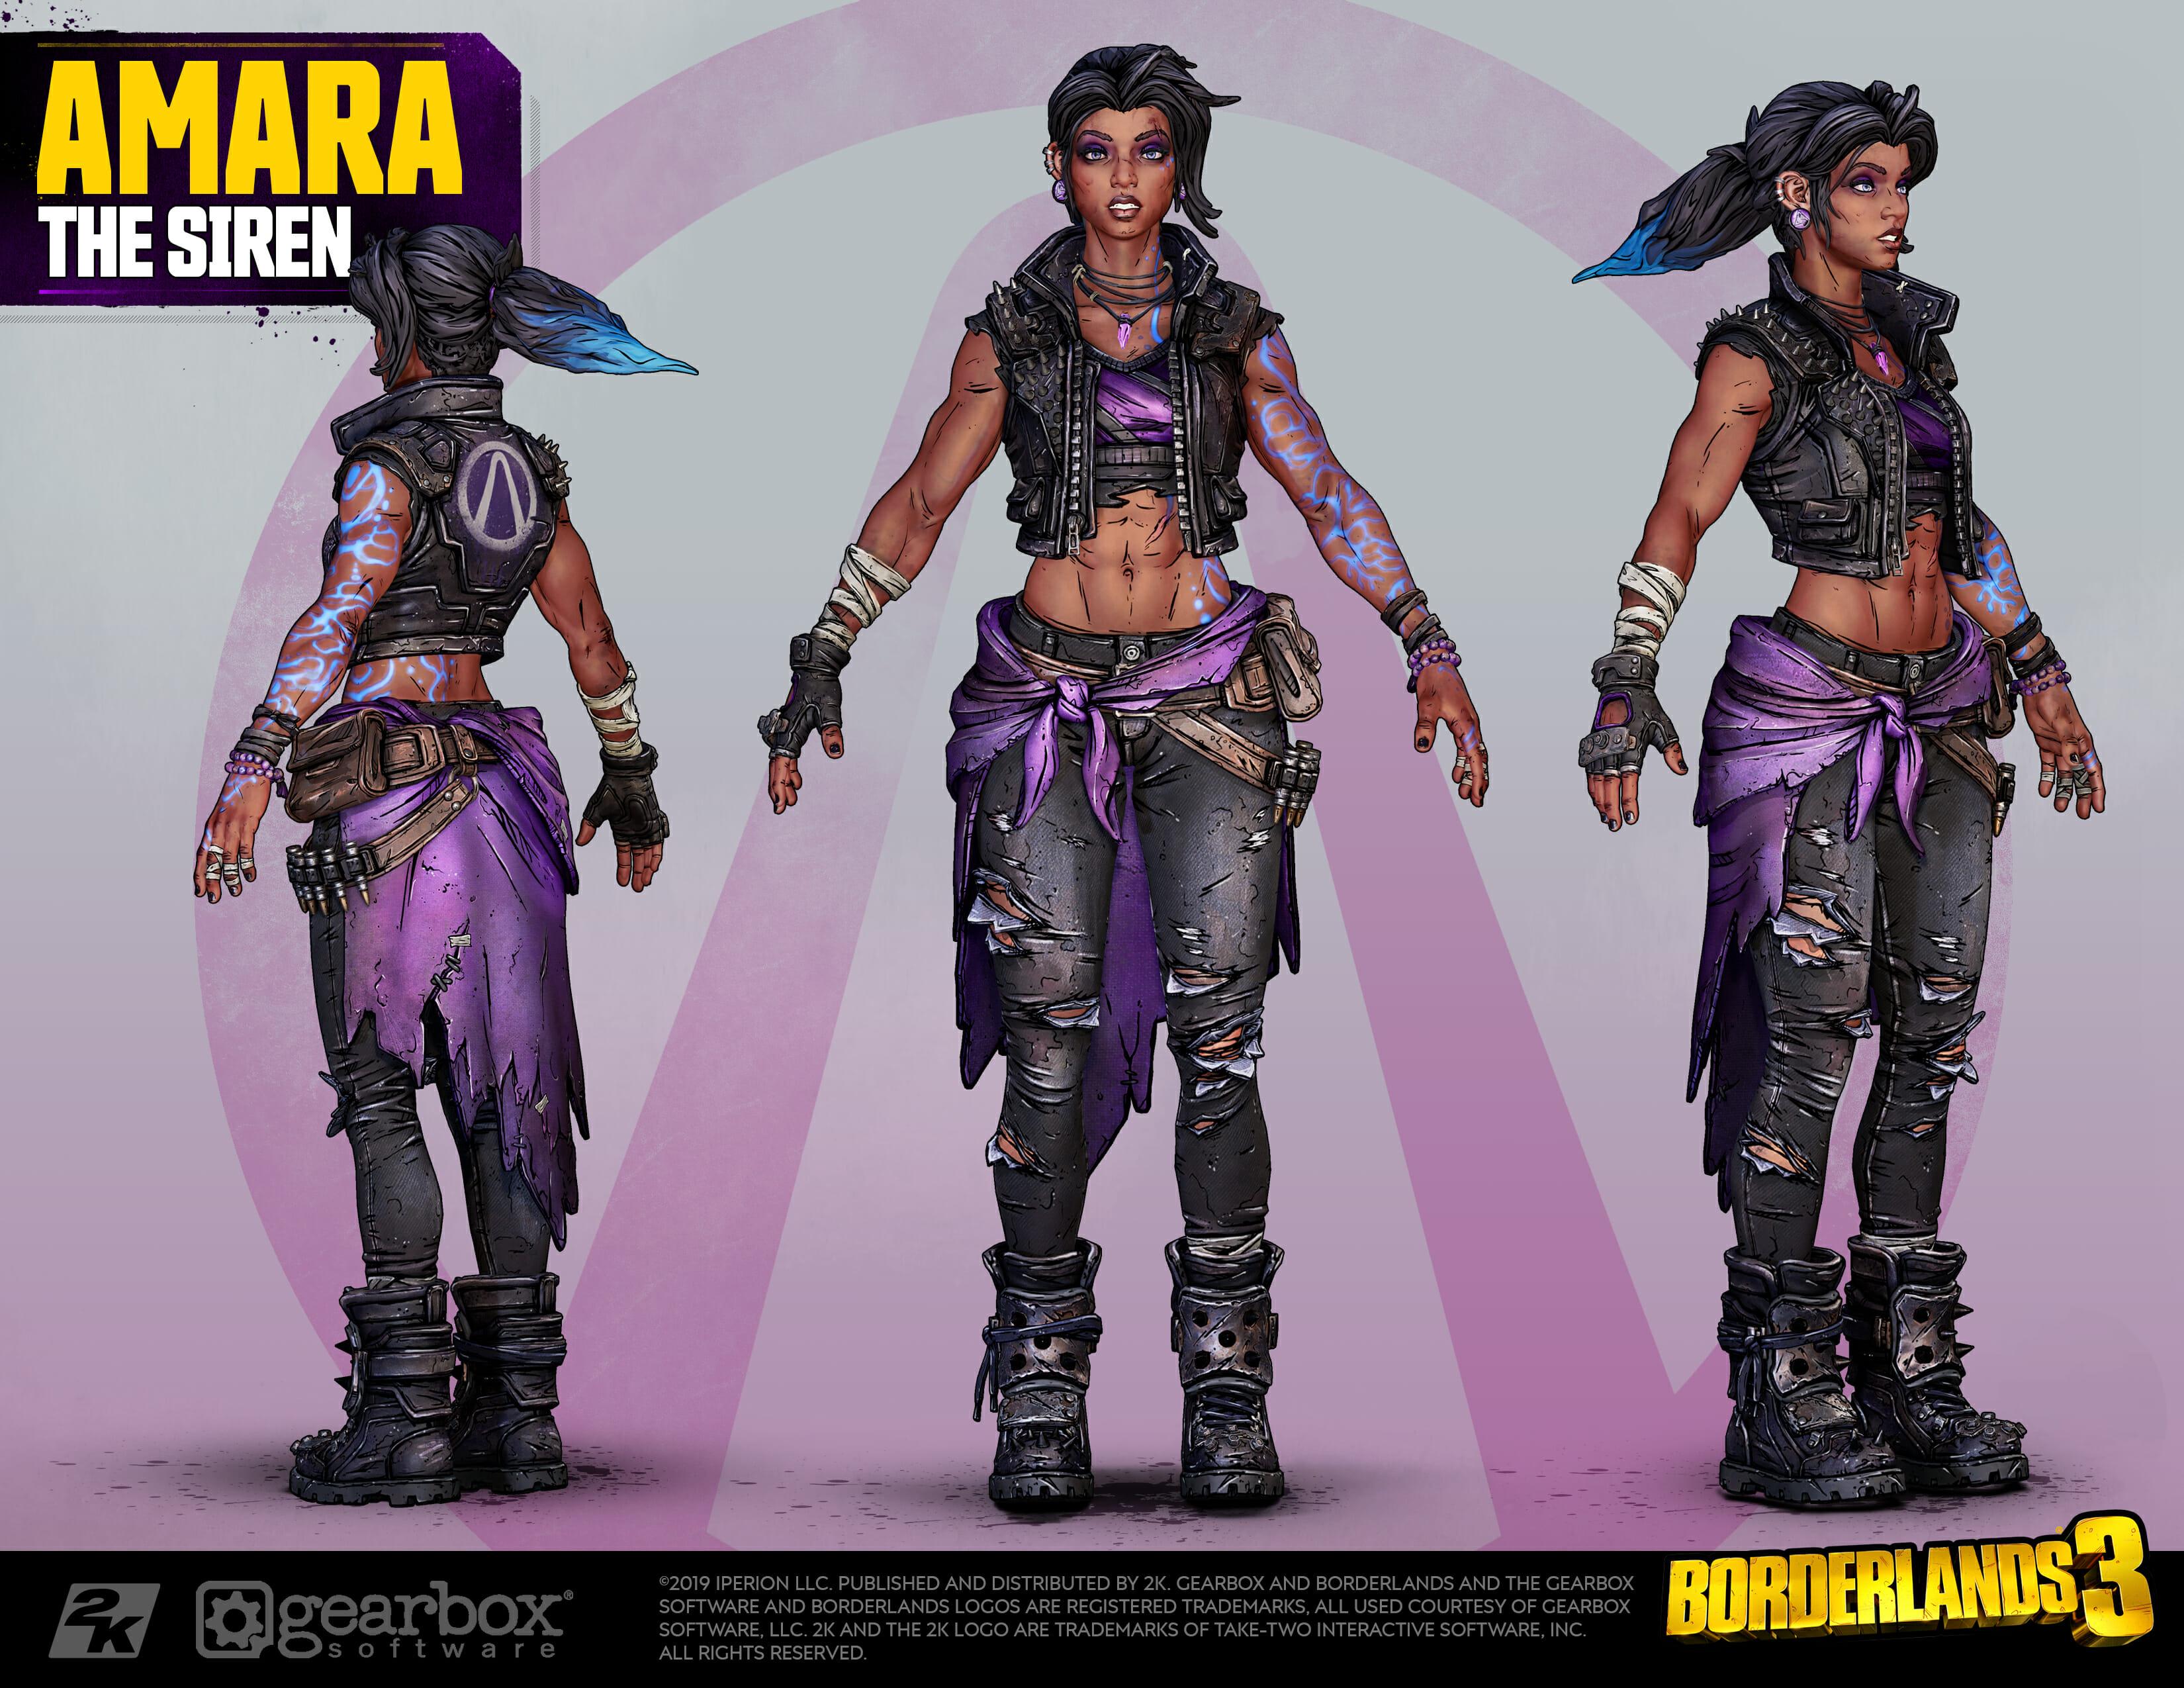 Amara, The Siren, Borderlands 3